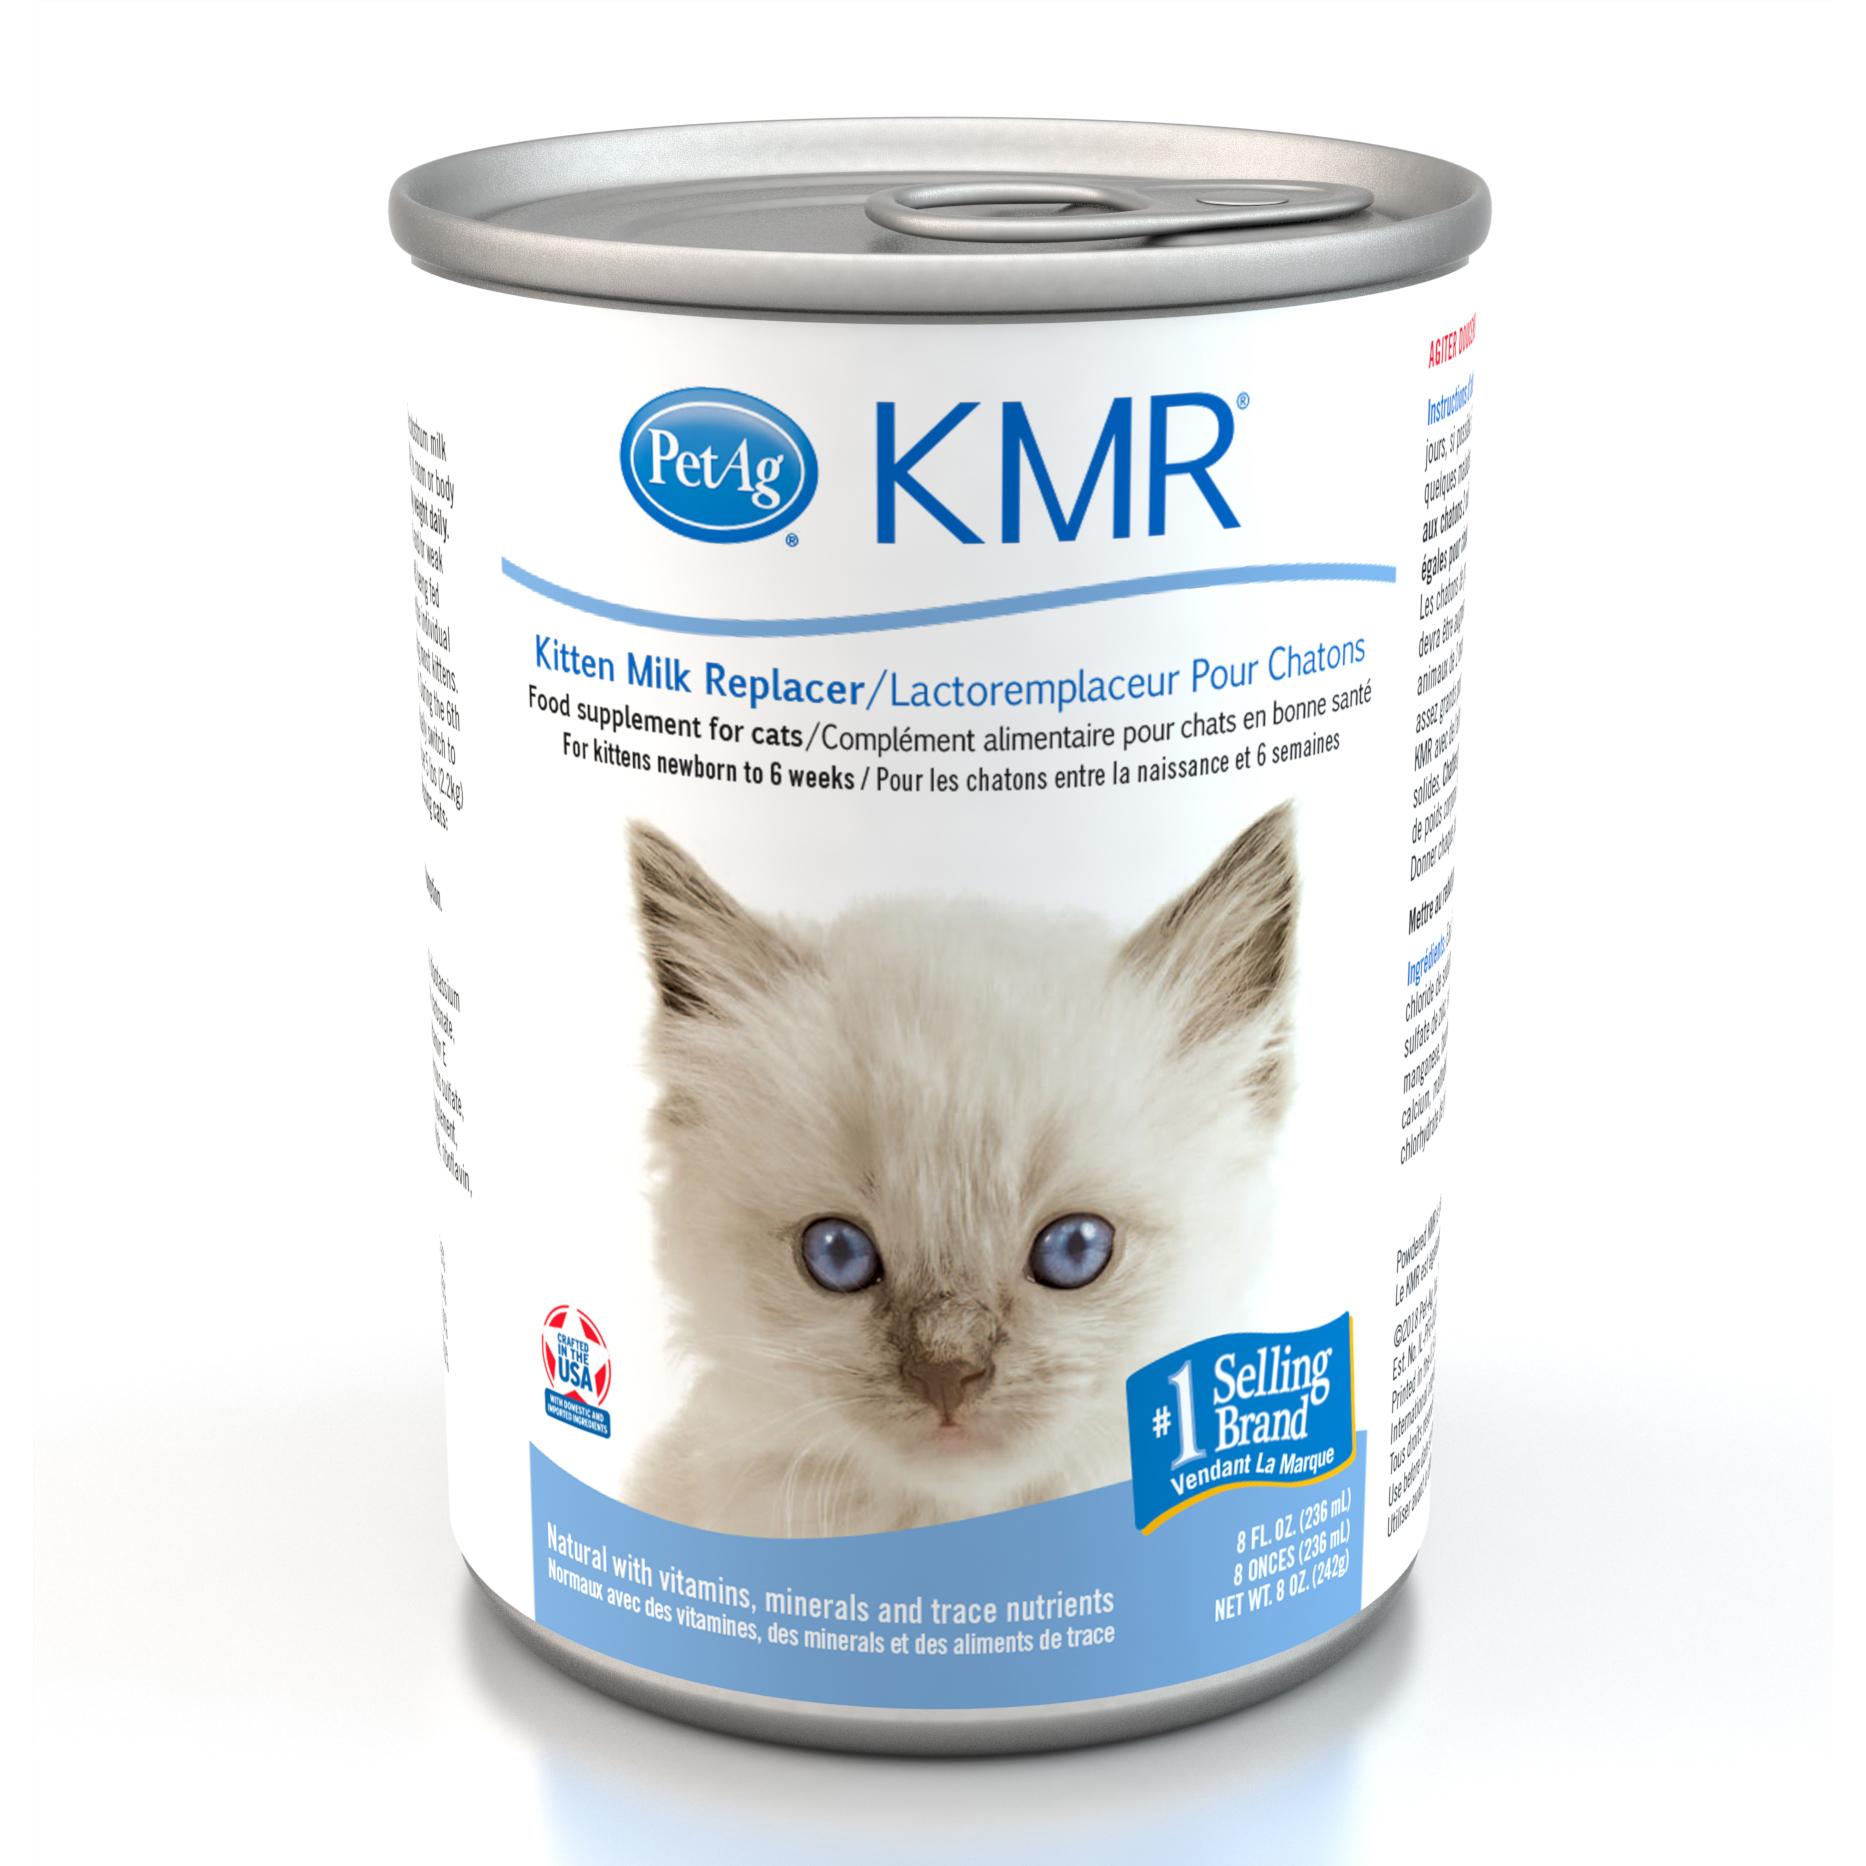 Petag Kmr Kitten Milk Replacer Liquid Murdoch S